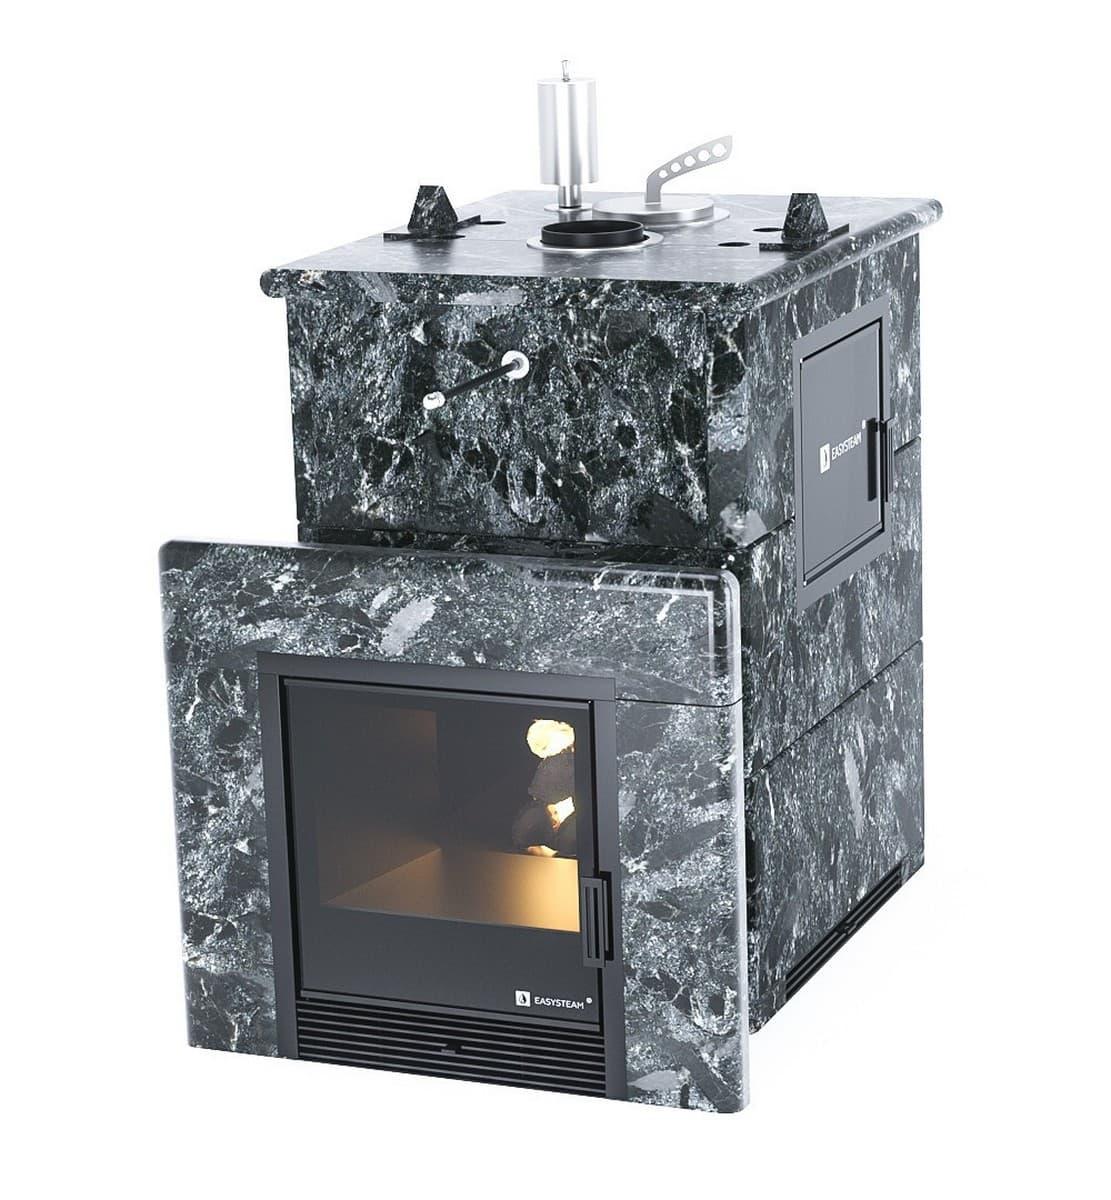 Печи для бани на дровах - финские, для русской бани, газодровяные, с теплообменником, печи кастор, термофор, харвия, отзывы и многое другое в обзоре дровяных каменок